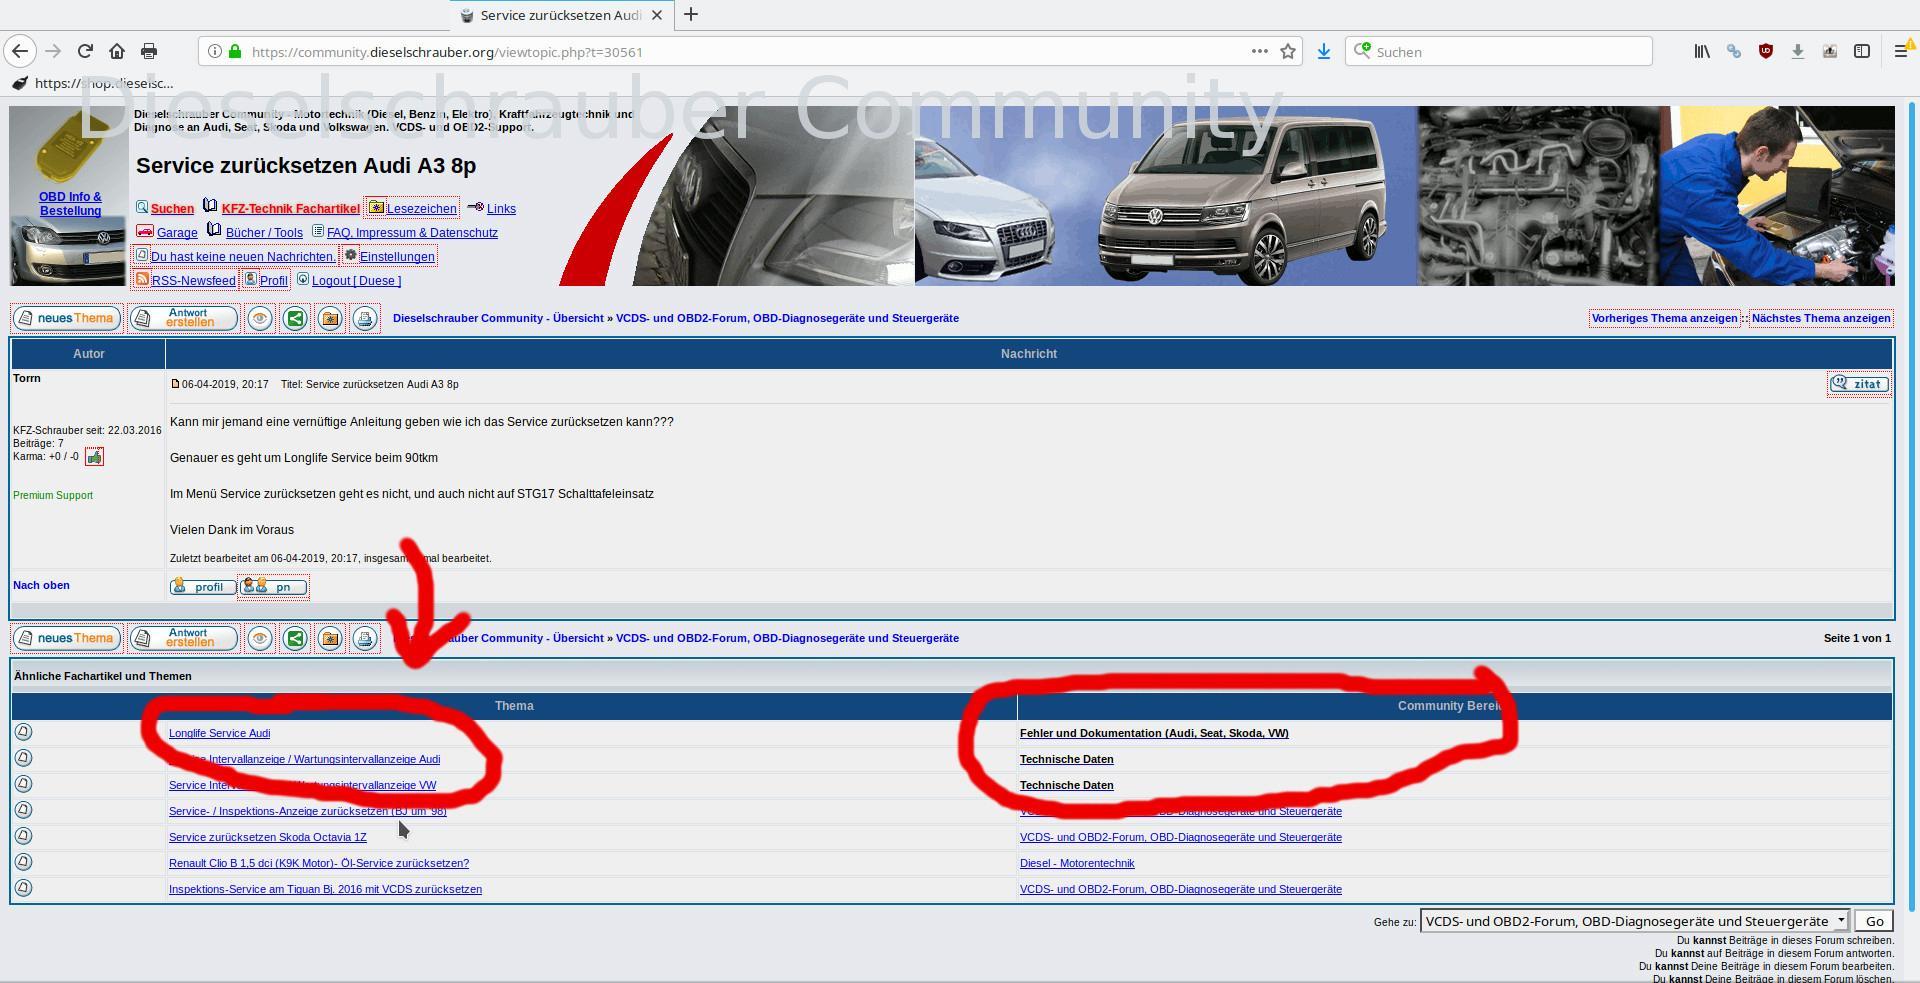 Service zurücksetzen Audi A3 8p: Dieselschrauber Community